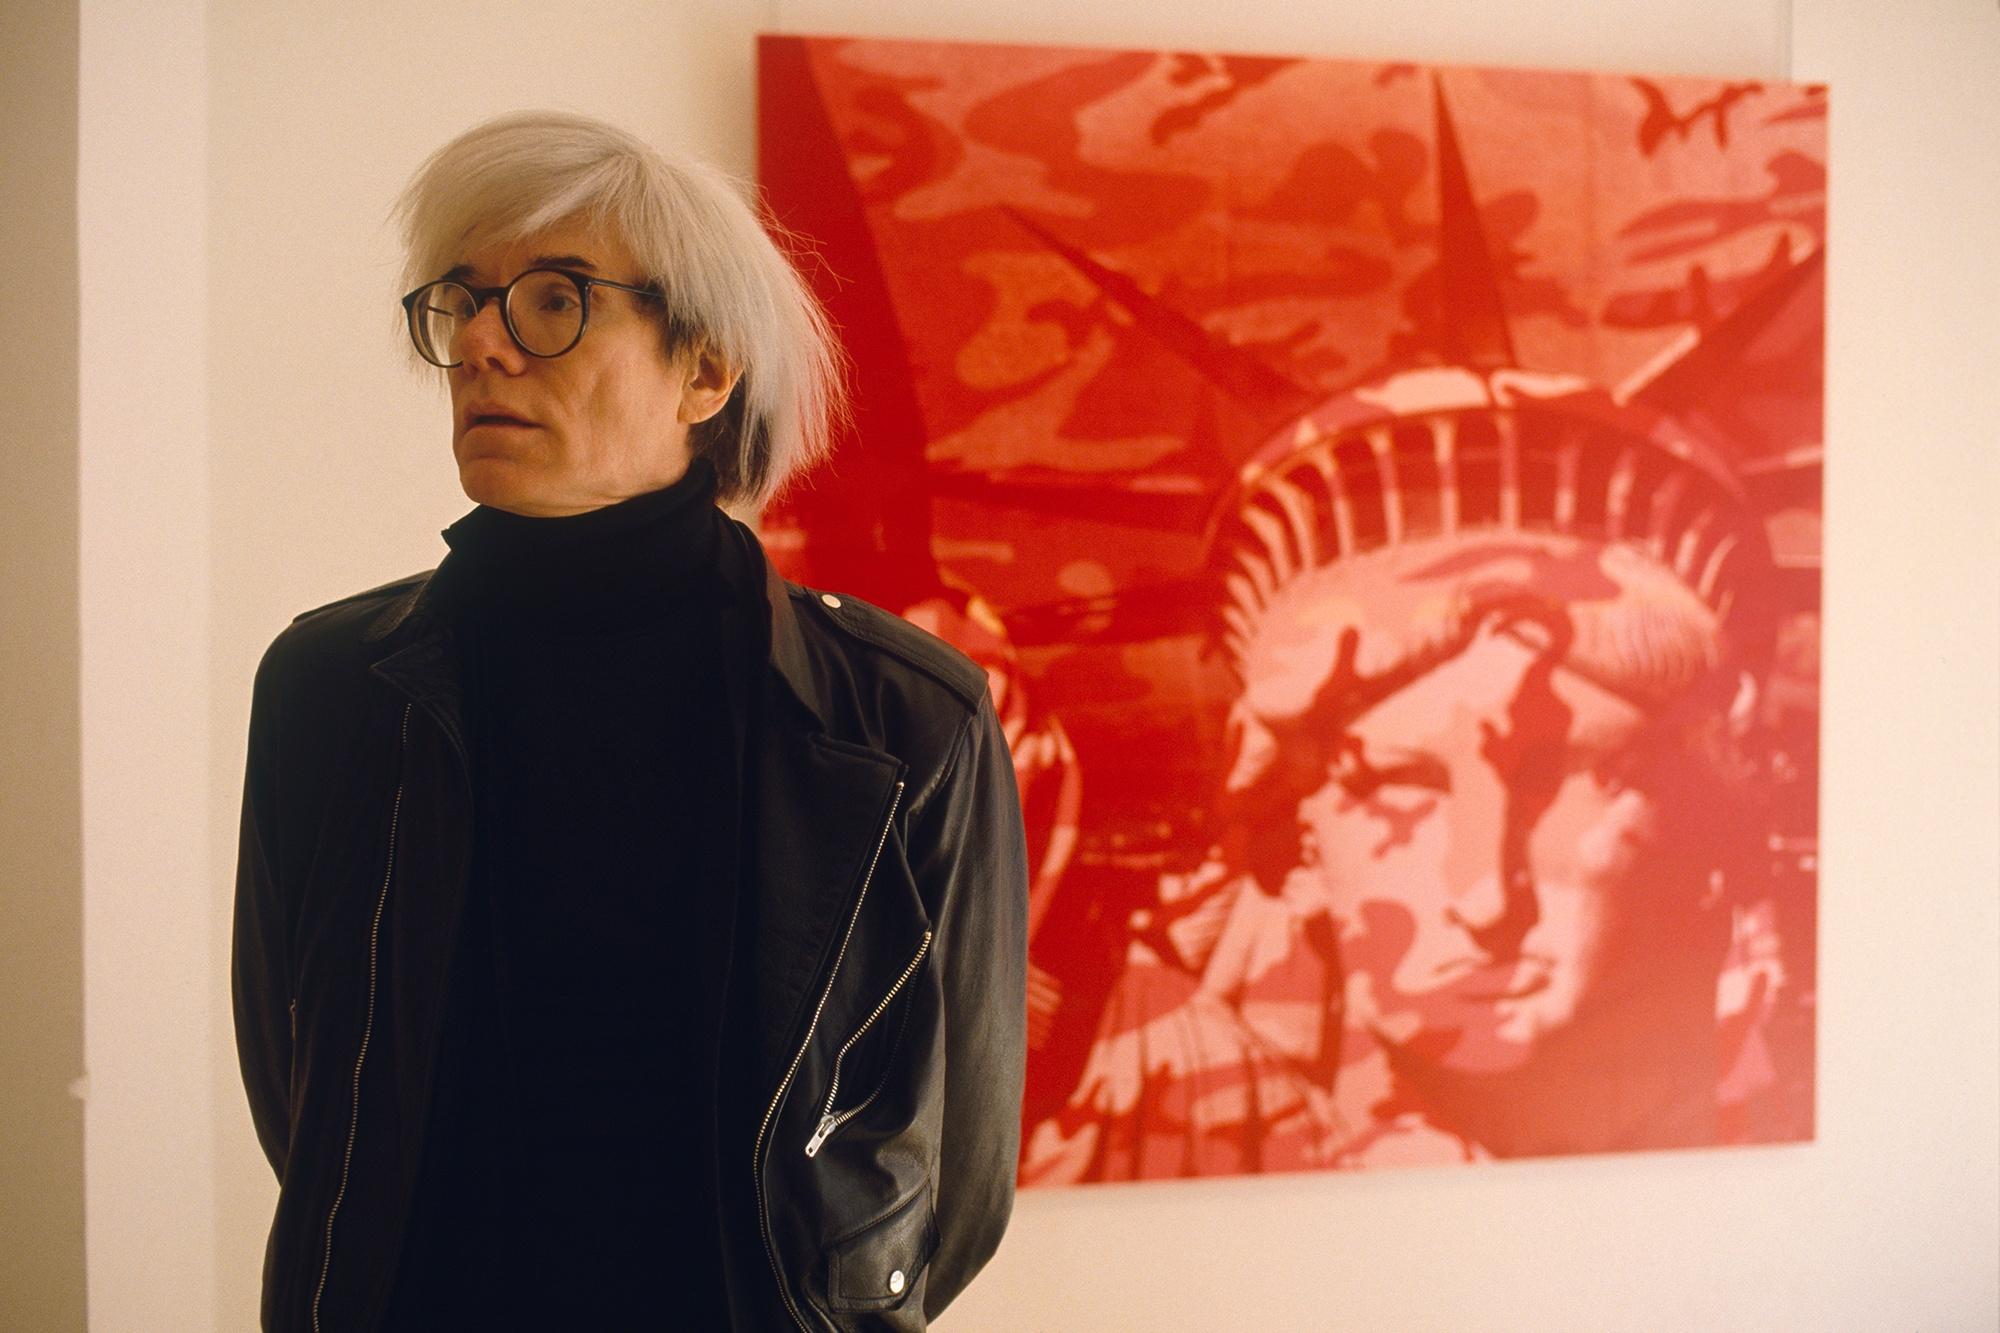 Выставка работ Энди Уорхола откроется в Новой Третьяковке в сентябре – Афиша